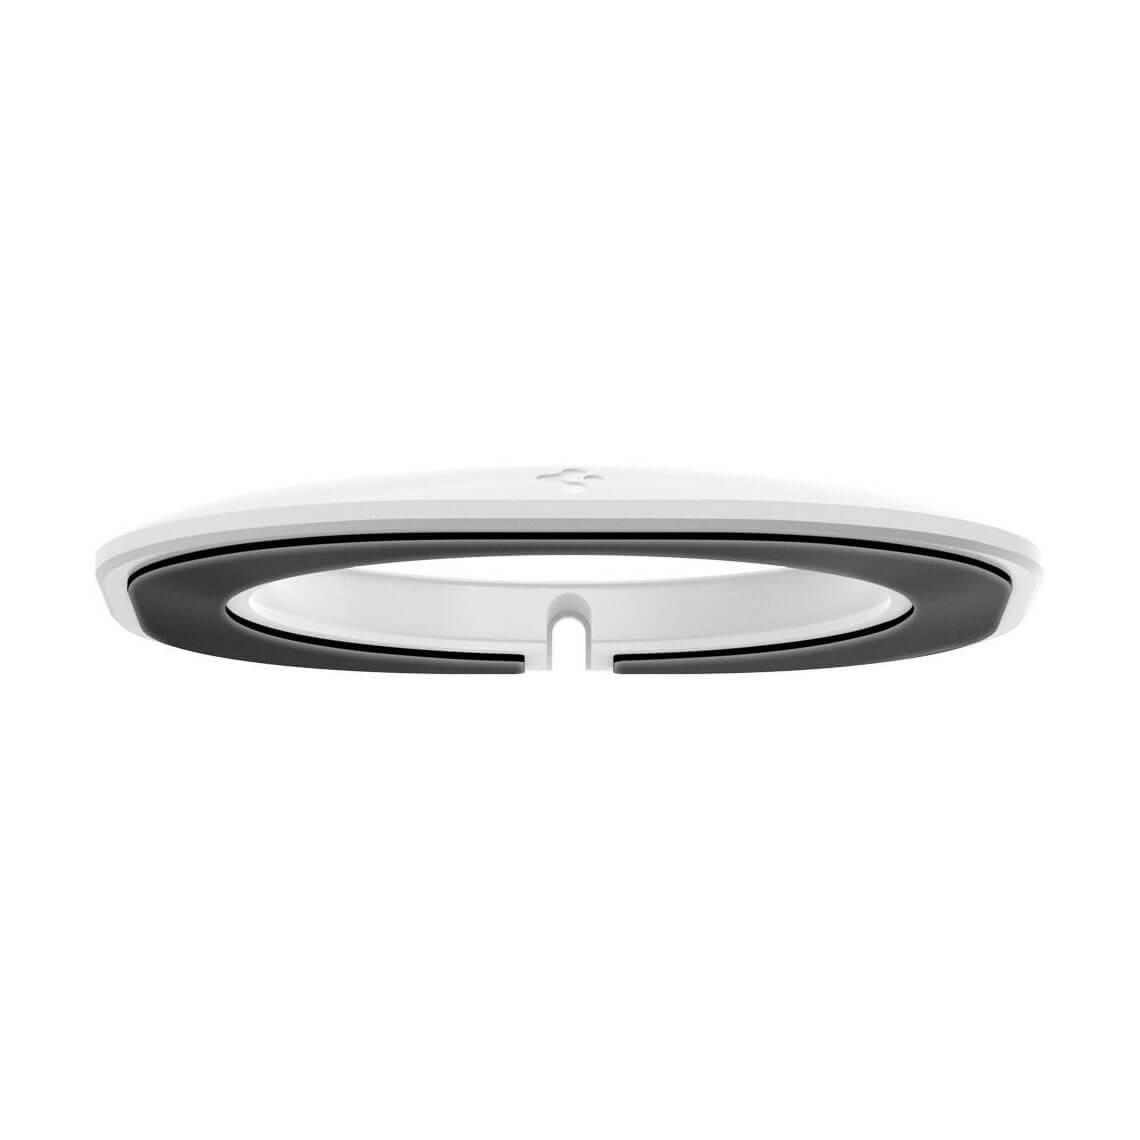 کاور پد شارژر برند اسپیگن مدل Mag Fit